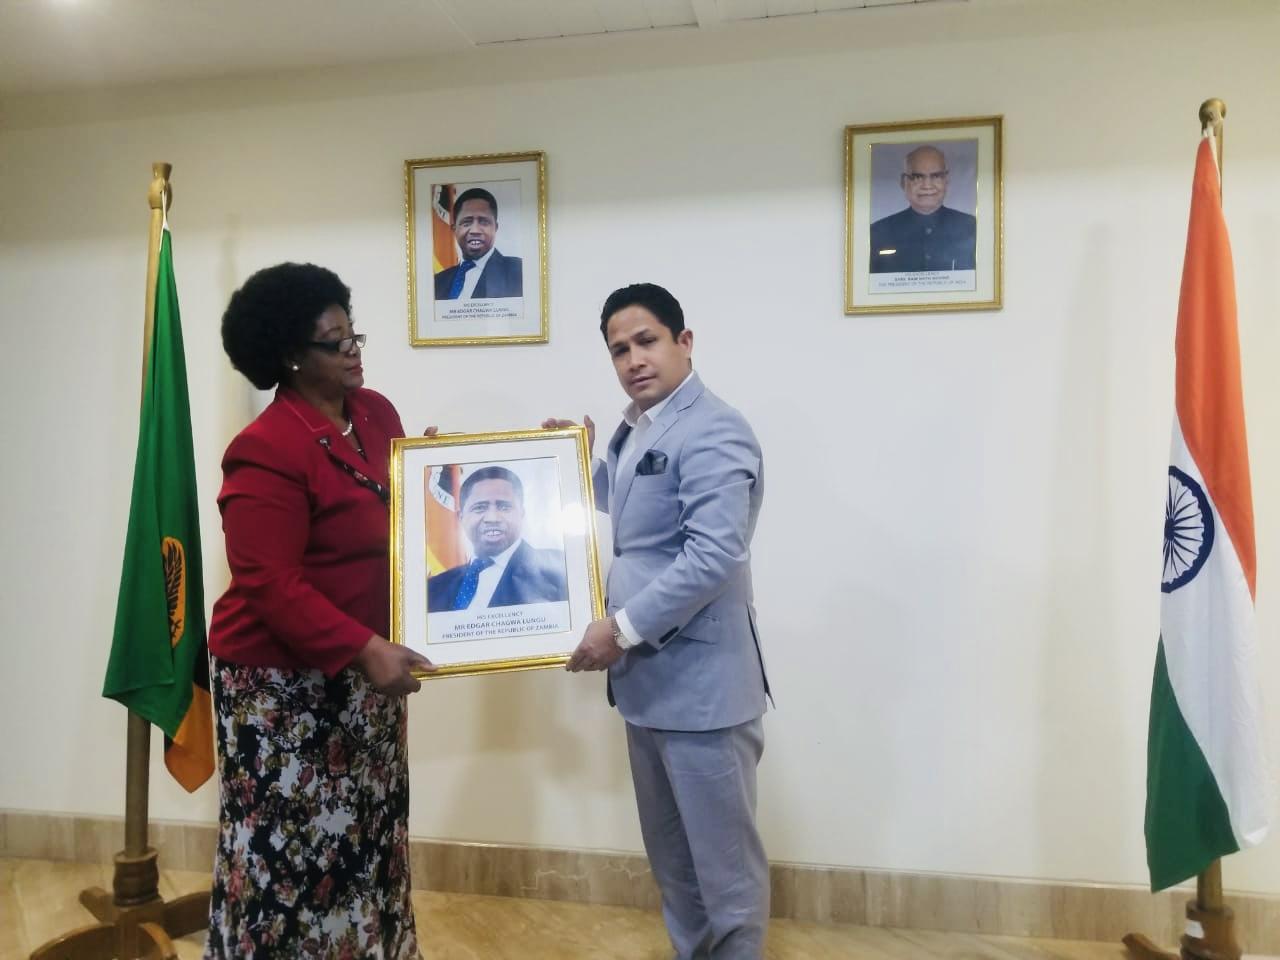 जाम्बियाले नेपालमा खोल्यो वाणिज्य दूतावास, वाणिज्यदूतमा देशबन्धु बस्नेत नियुक्त